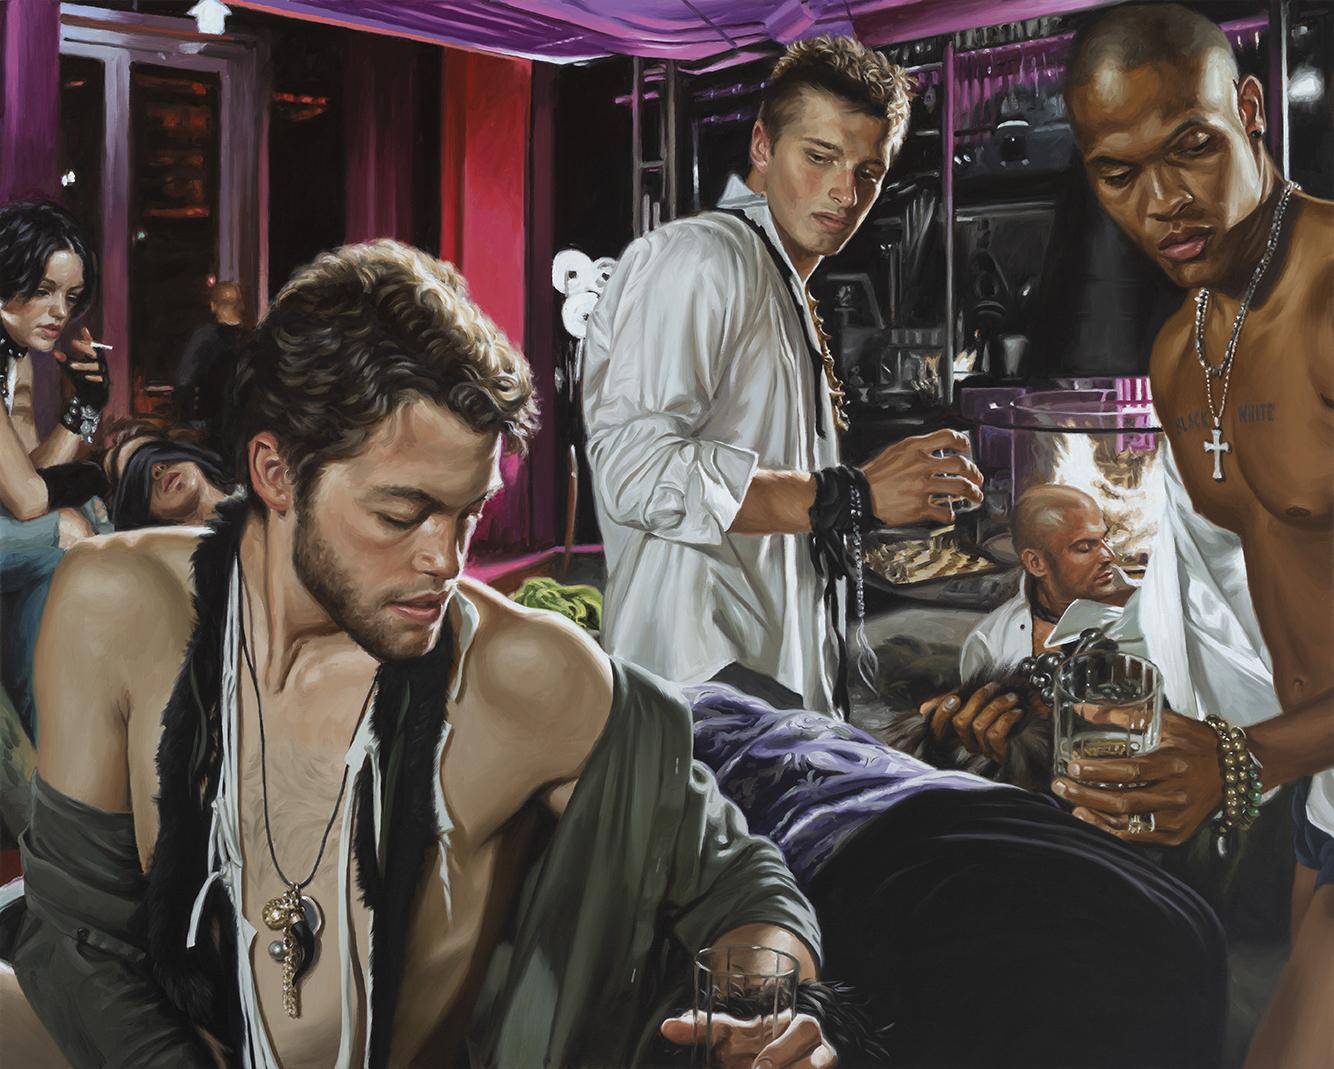 All the Kings Men - Oil on linen40 x 60$50,000